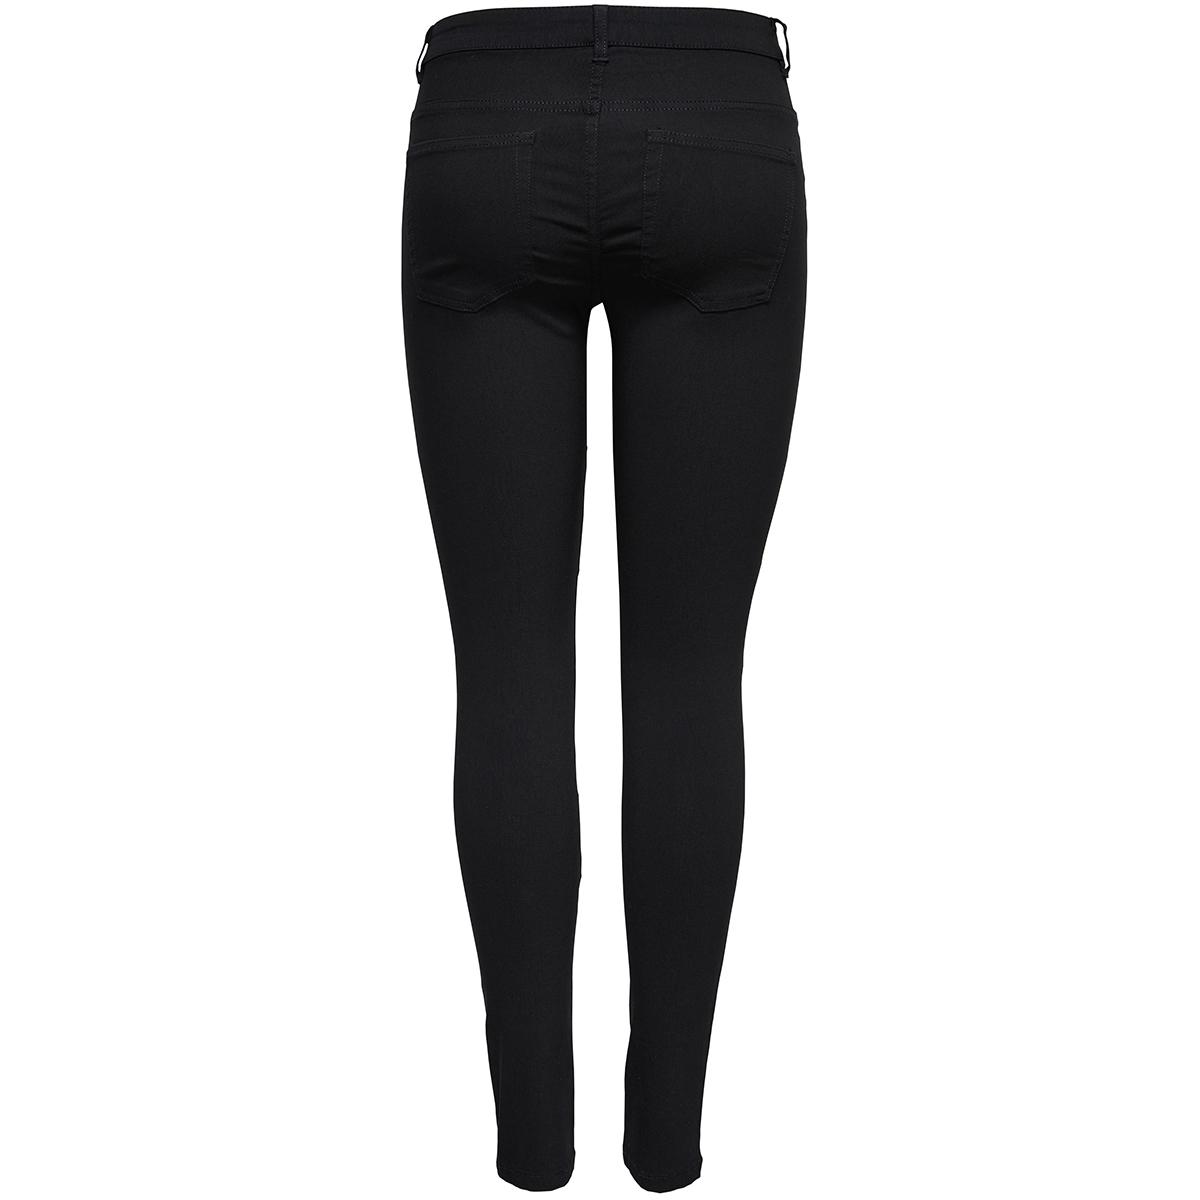 onlnew gogo twisted reg sk pants pnt 15147496 only broek black